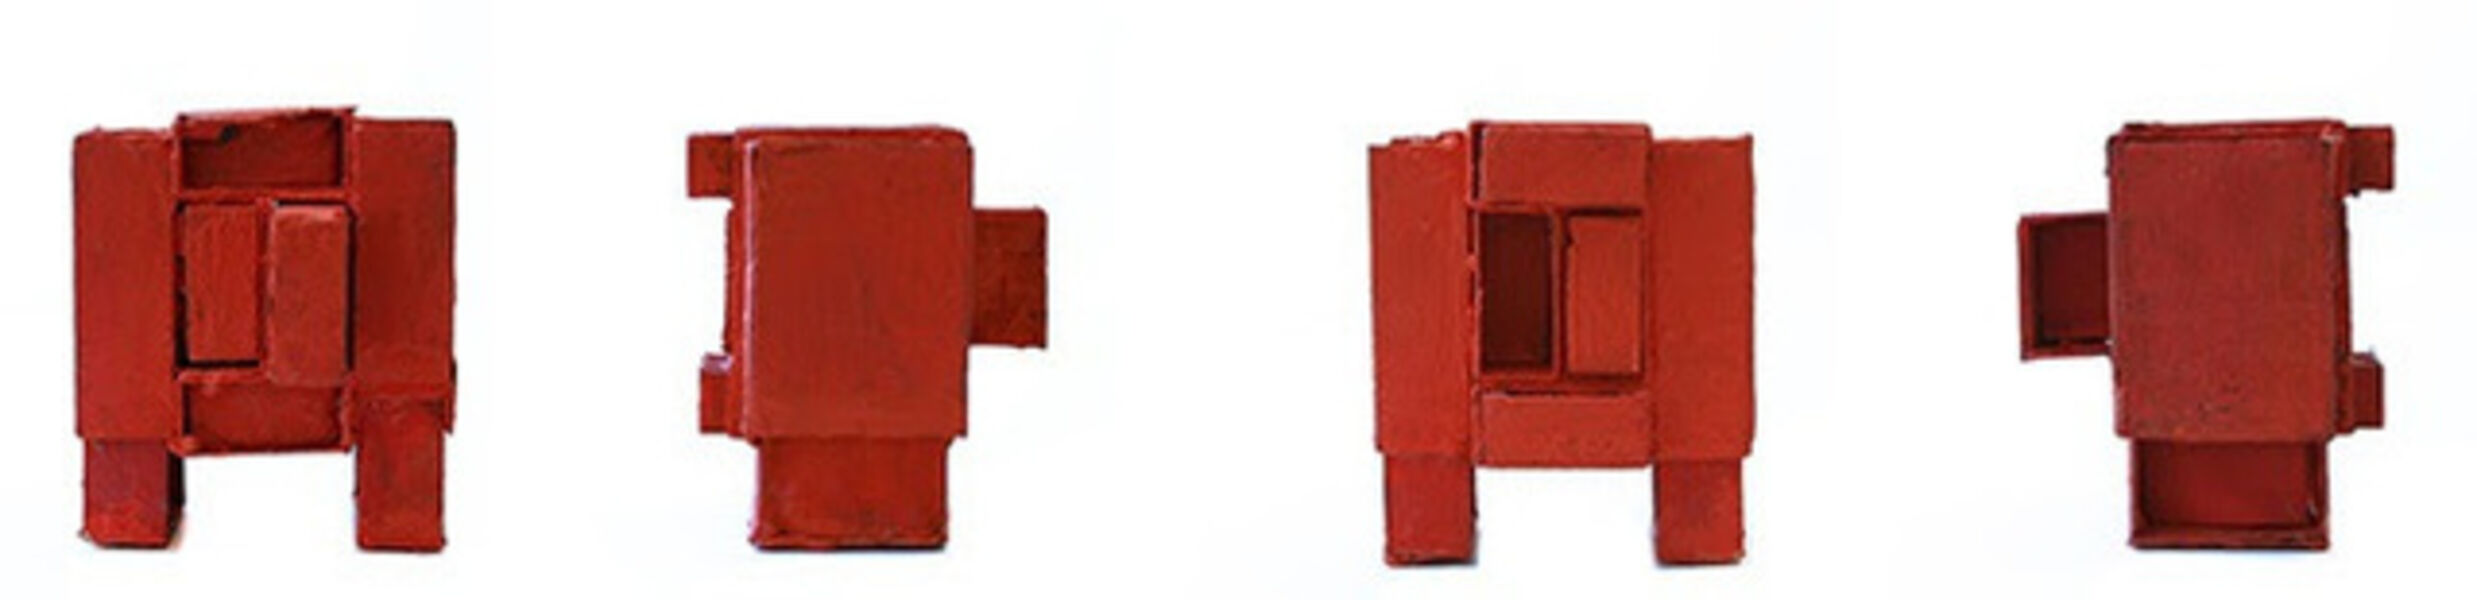 Lygia Clark, 'Estruturas de caixas de fósforos', 1964